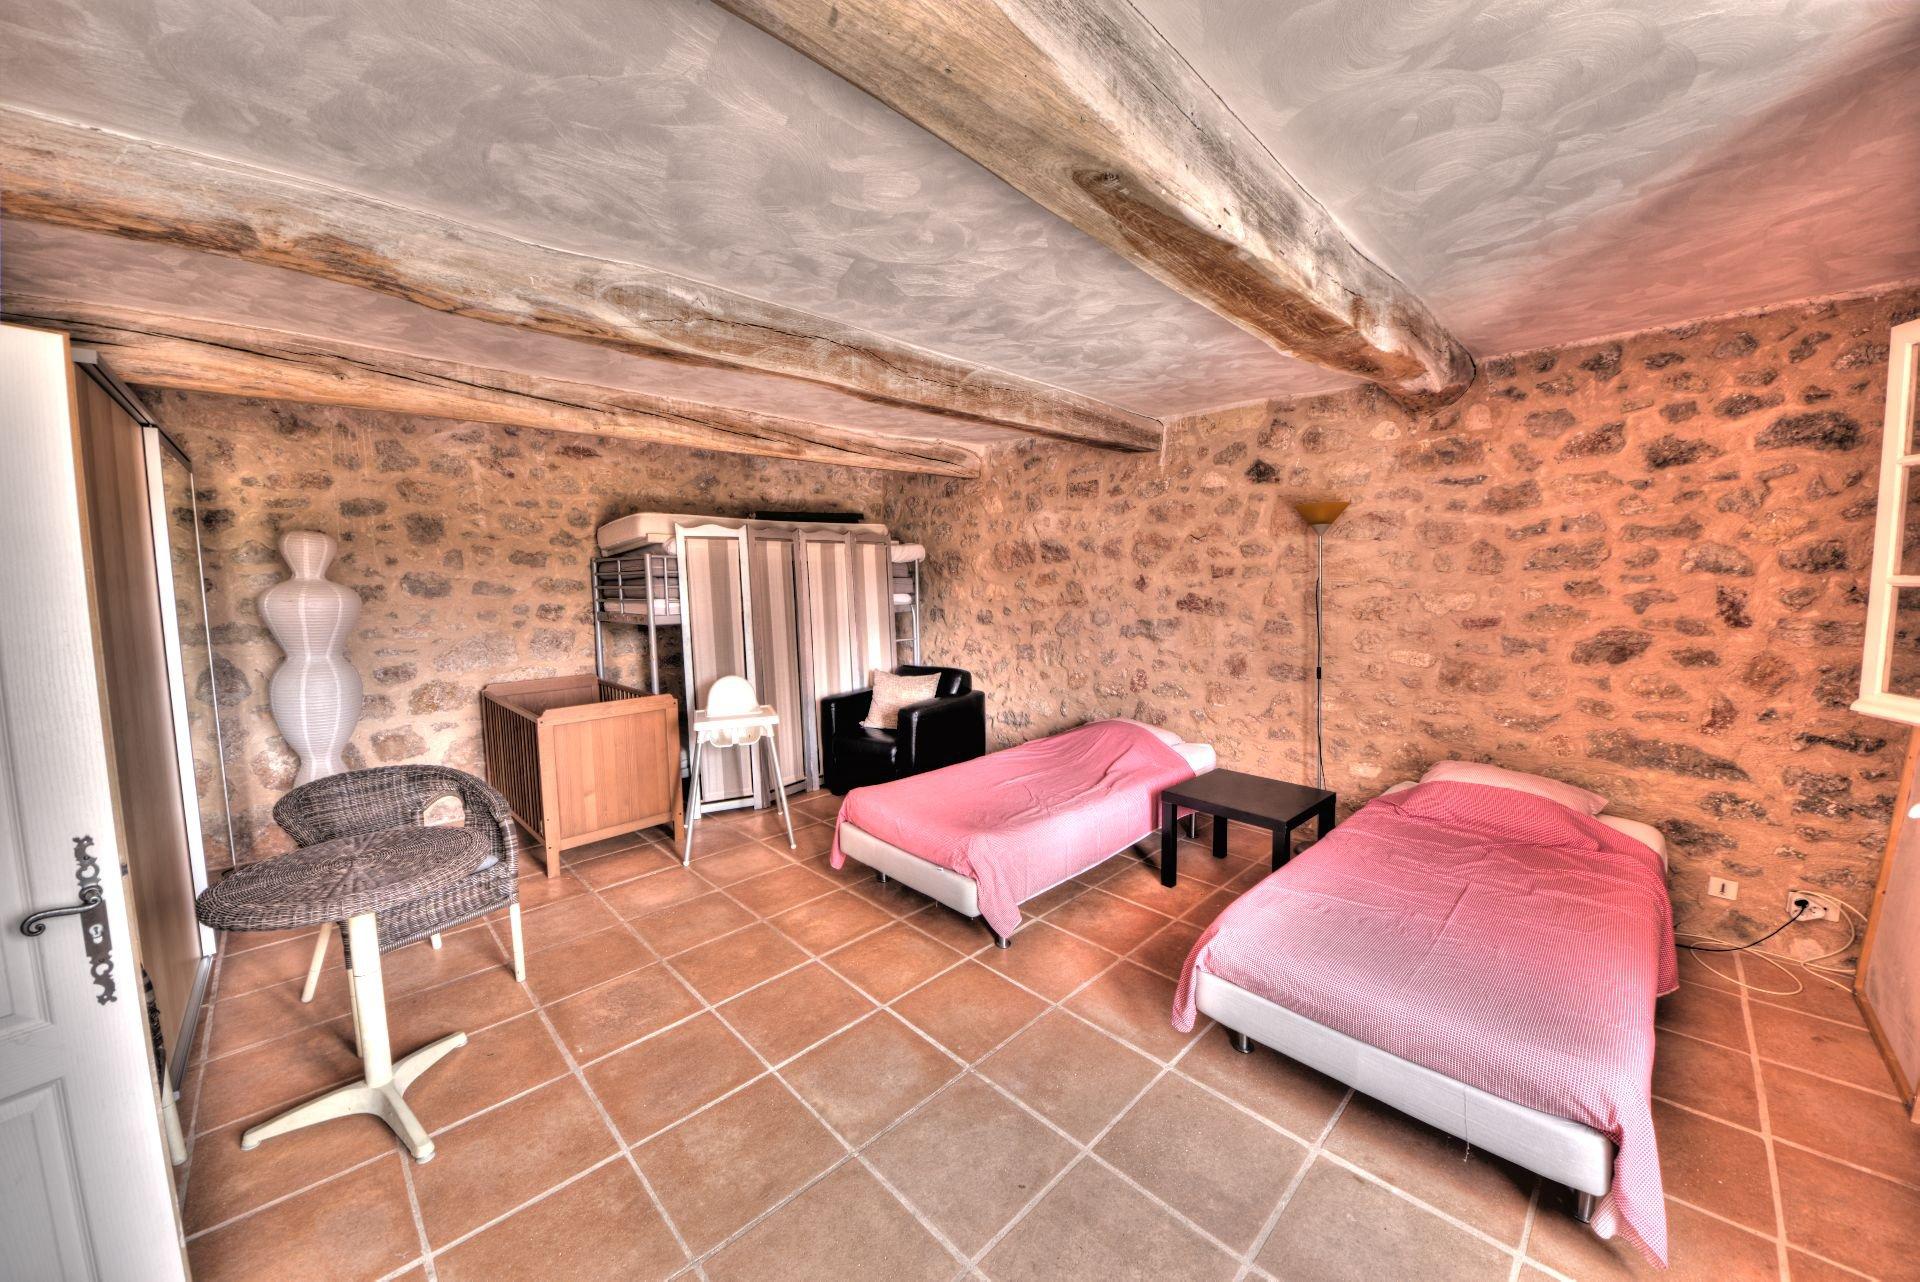 Bedroom, stones